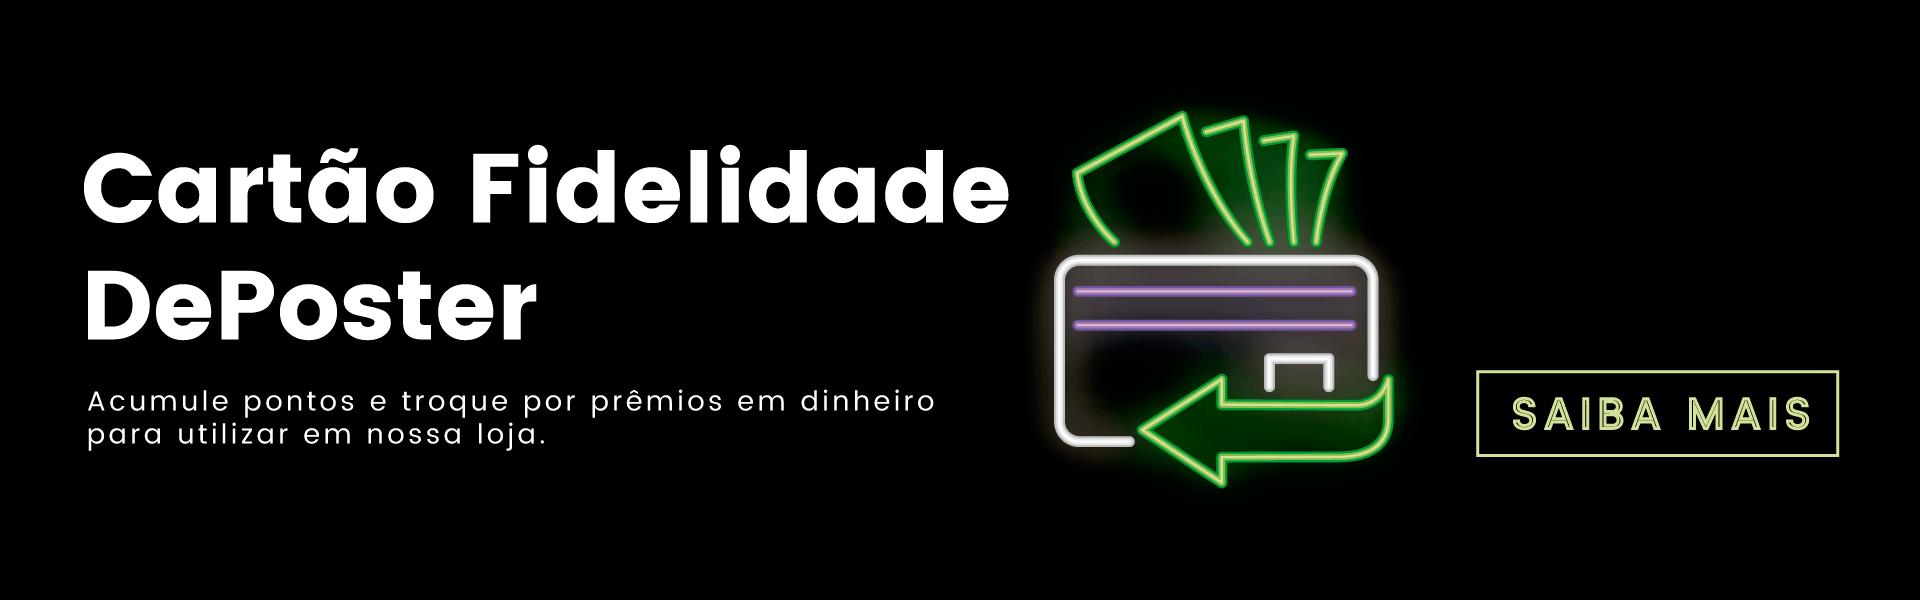 CARTÃO FIDELIDADE